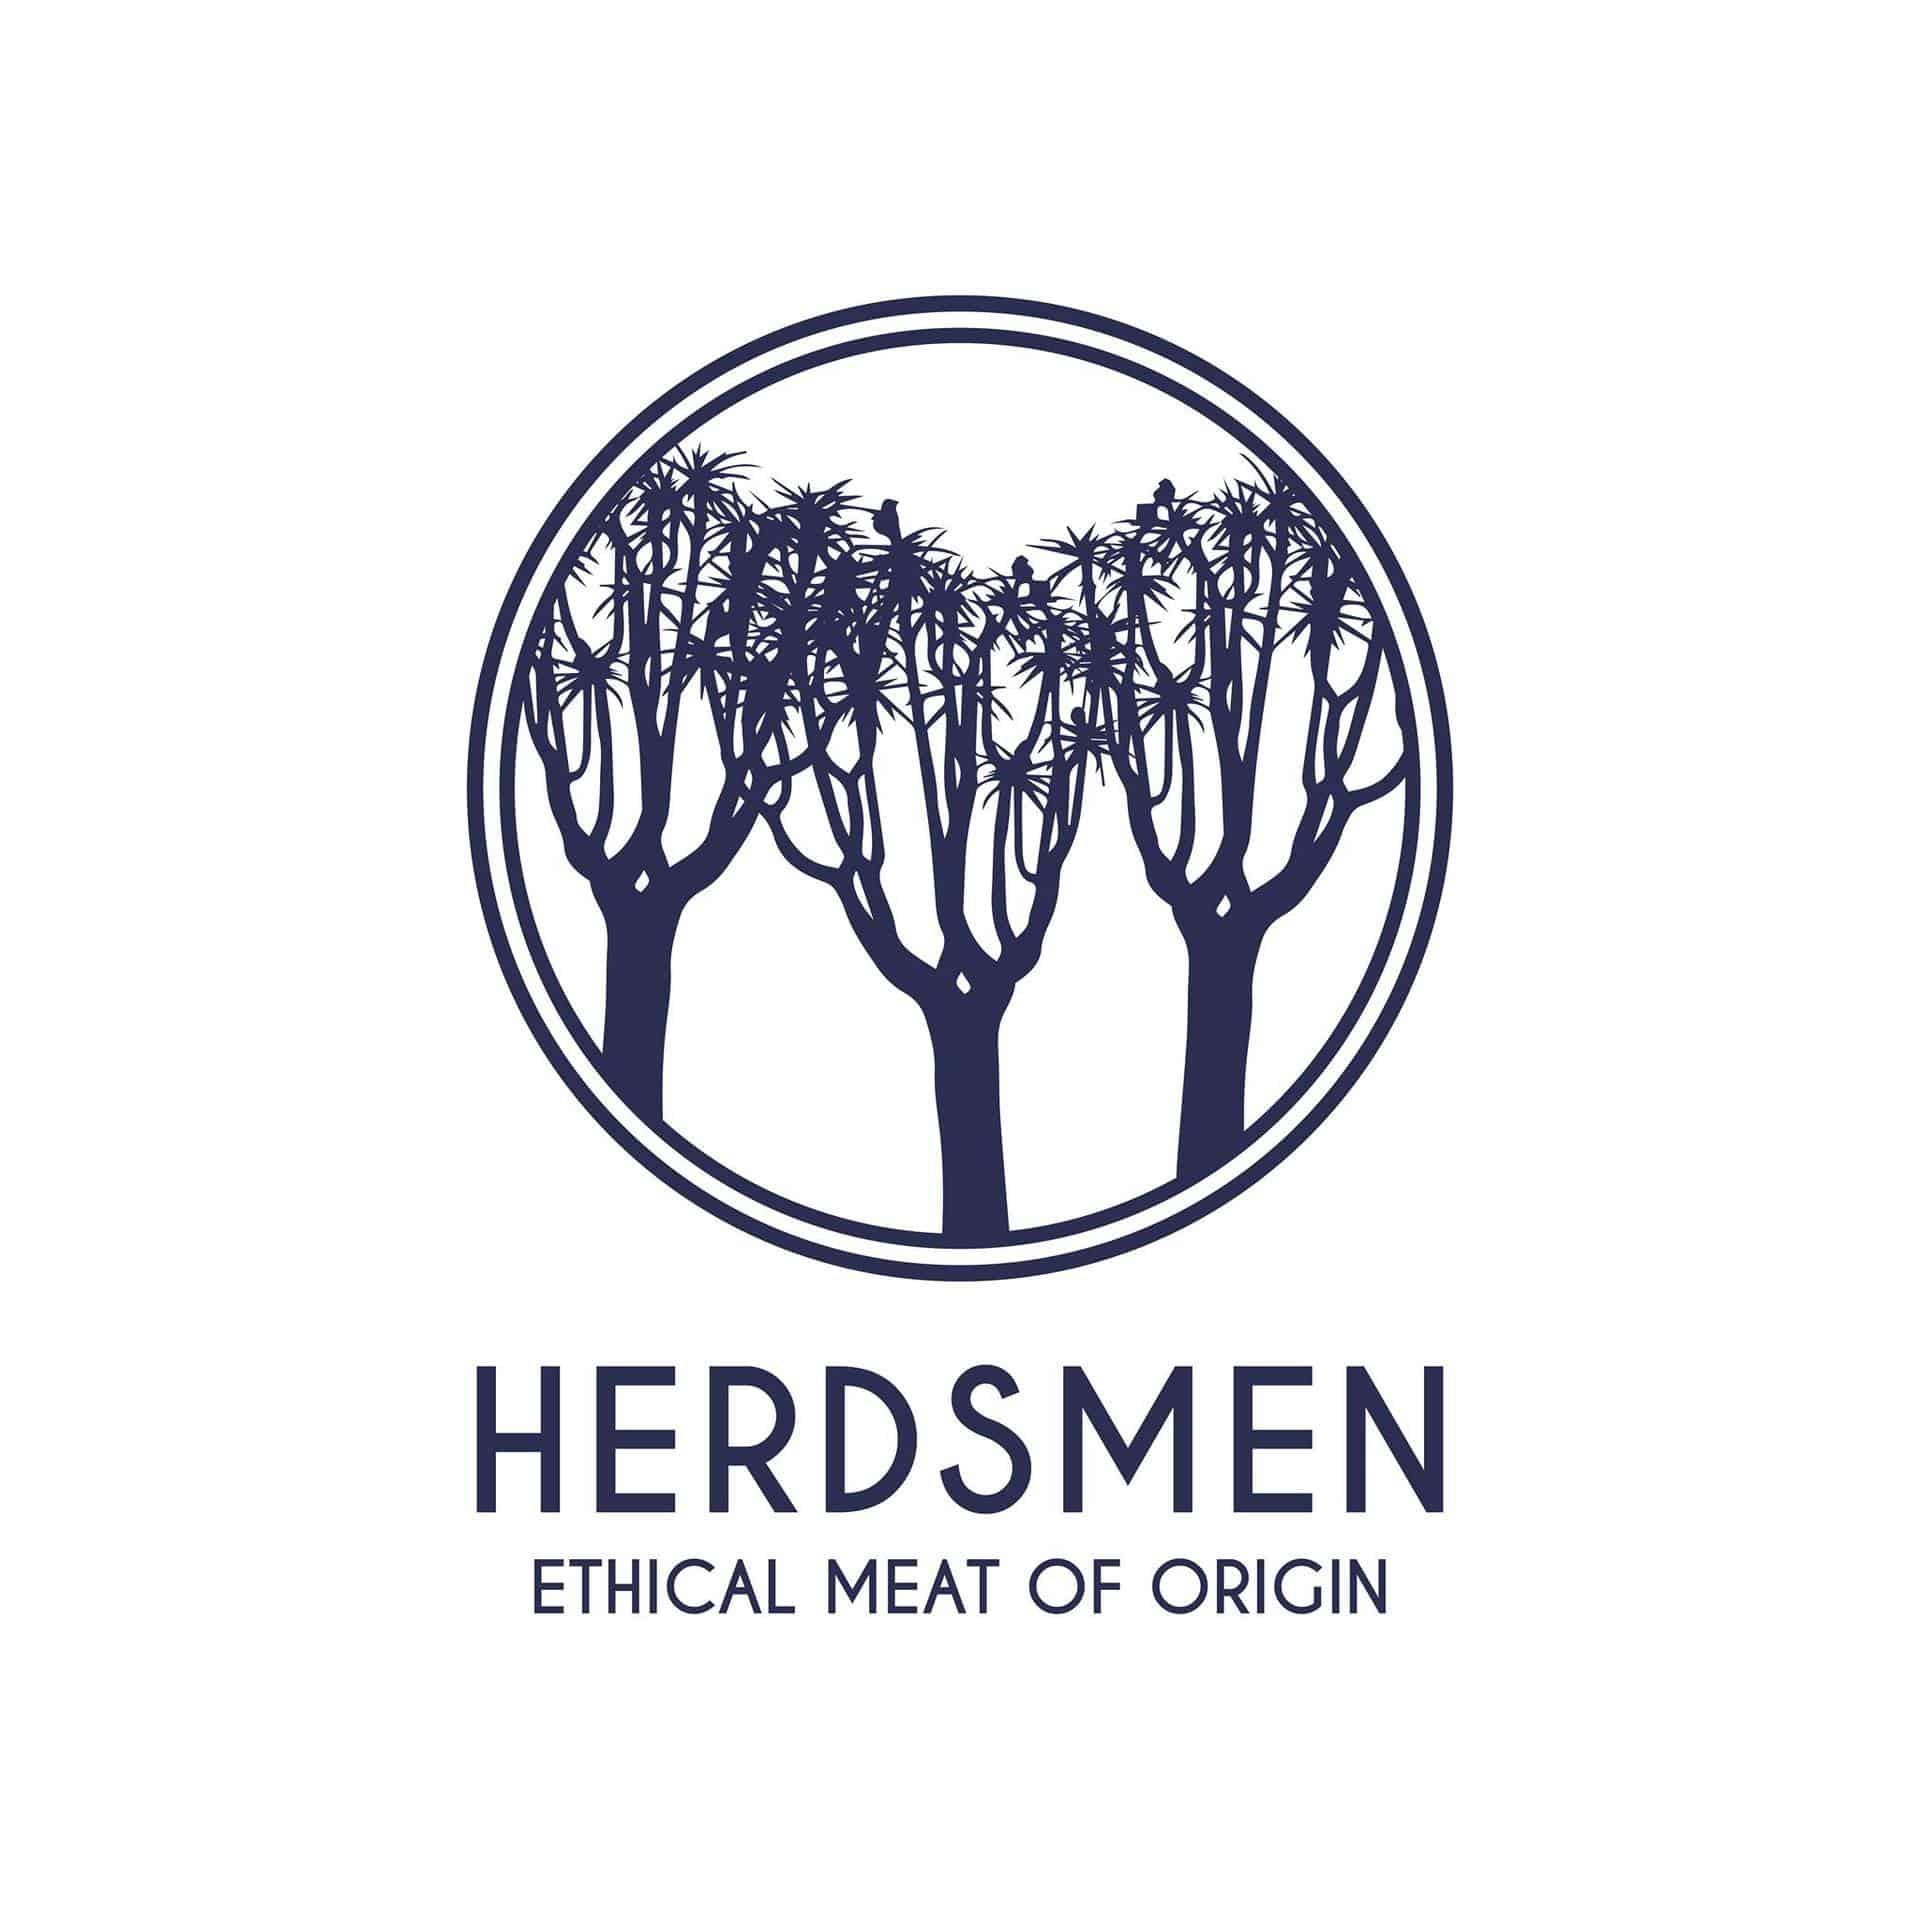 Herdsmen Ethical Meat Of Origin